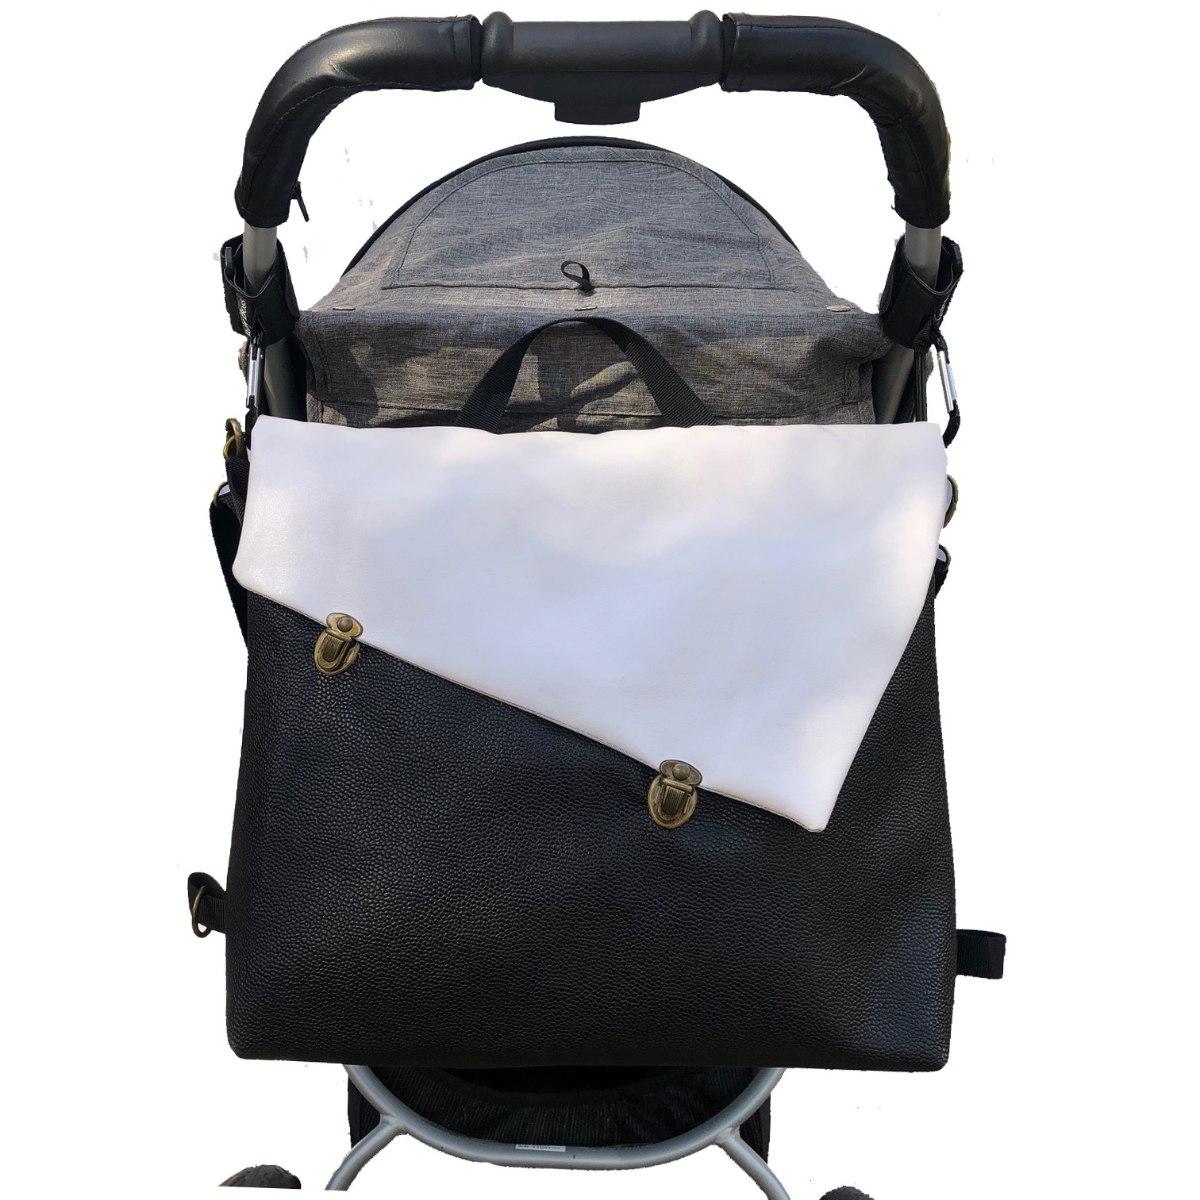 תיק עגלה, לאם ולילד, תיק החתלה בצבע שחור לבן